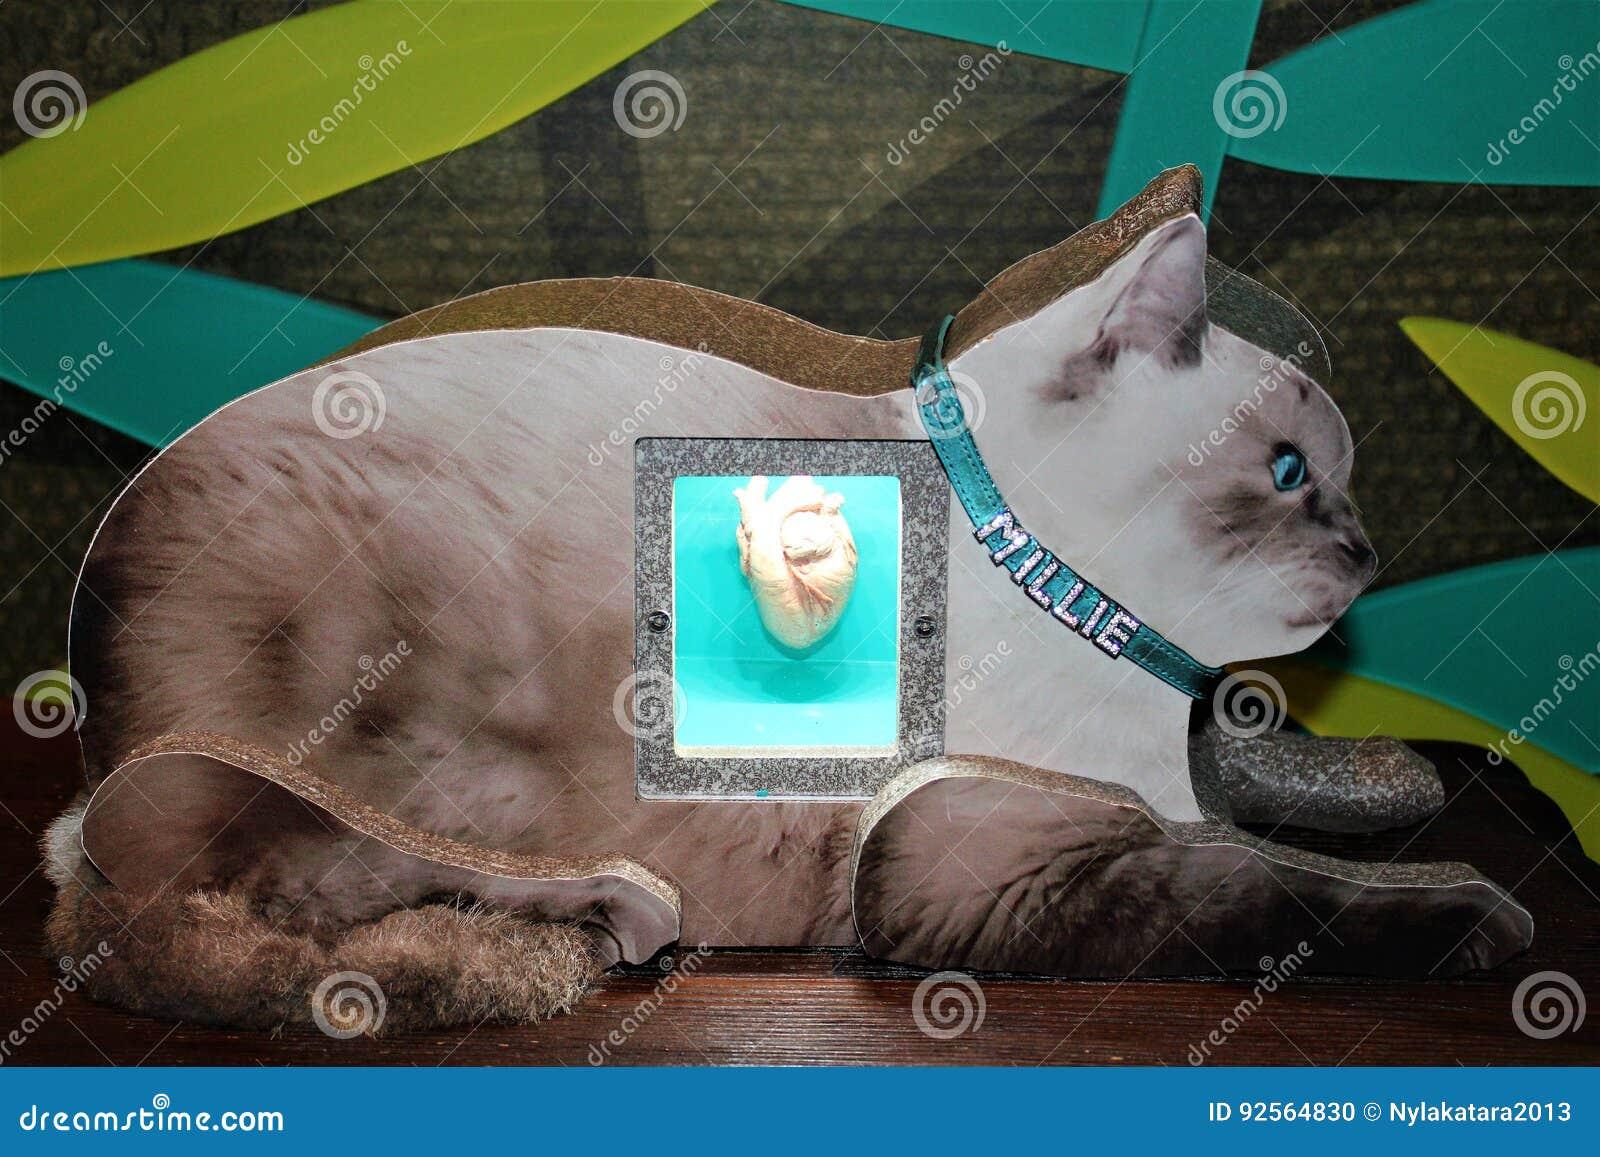 Säugetier-Herz stockfoto. Bild von katze, bild, knotenpunkte - 92564830